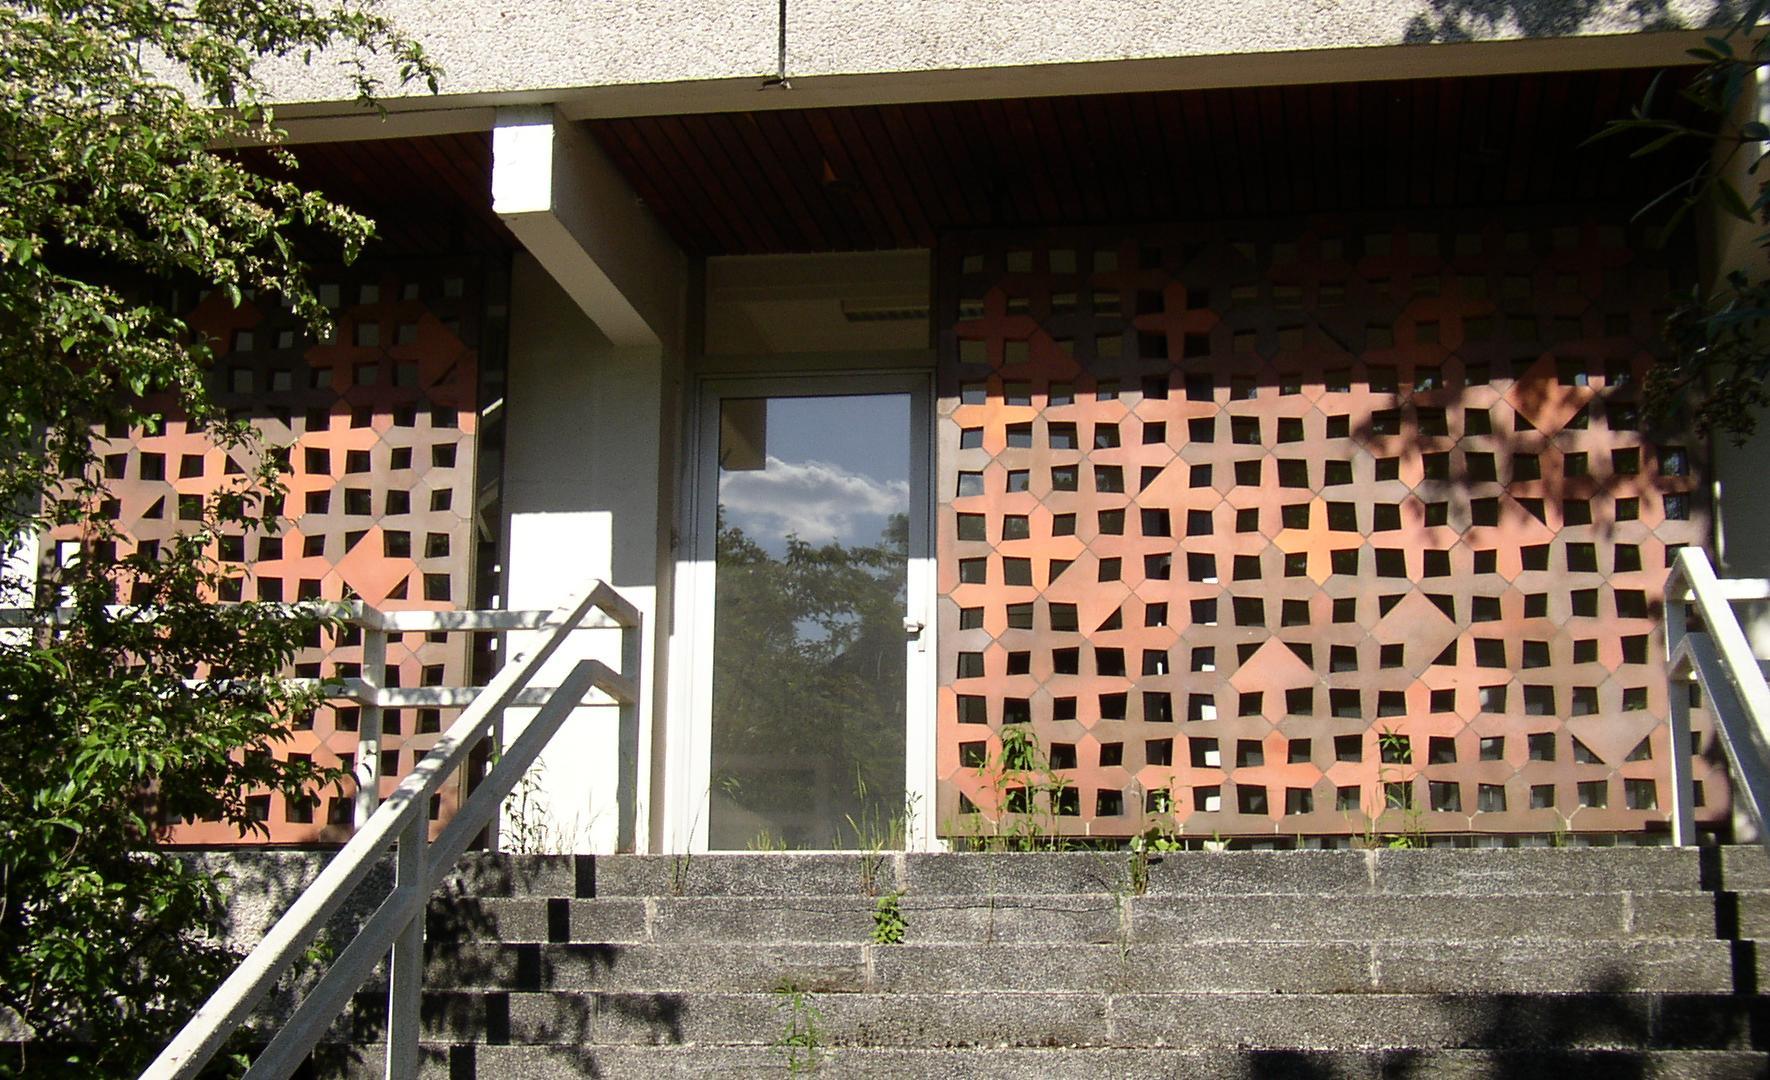 Die Kreuzsteine aus der Werkstatt von Hedwig Bollhagen retten die ehemalige Australische Botschaft (1973/74) in Berlin-Pankow - vorerst ... (Bild: Doris Antony, CC BY-SA 3.0)